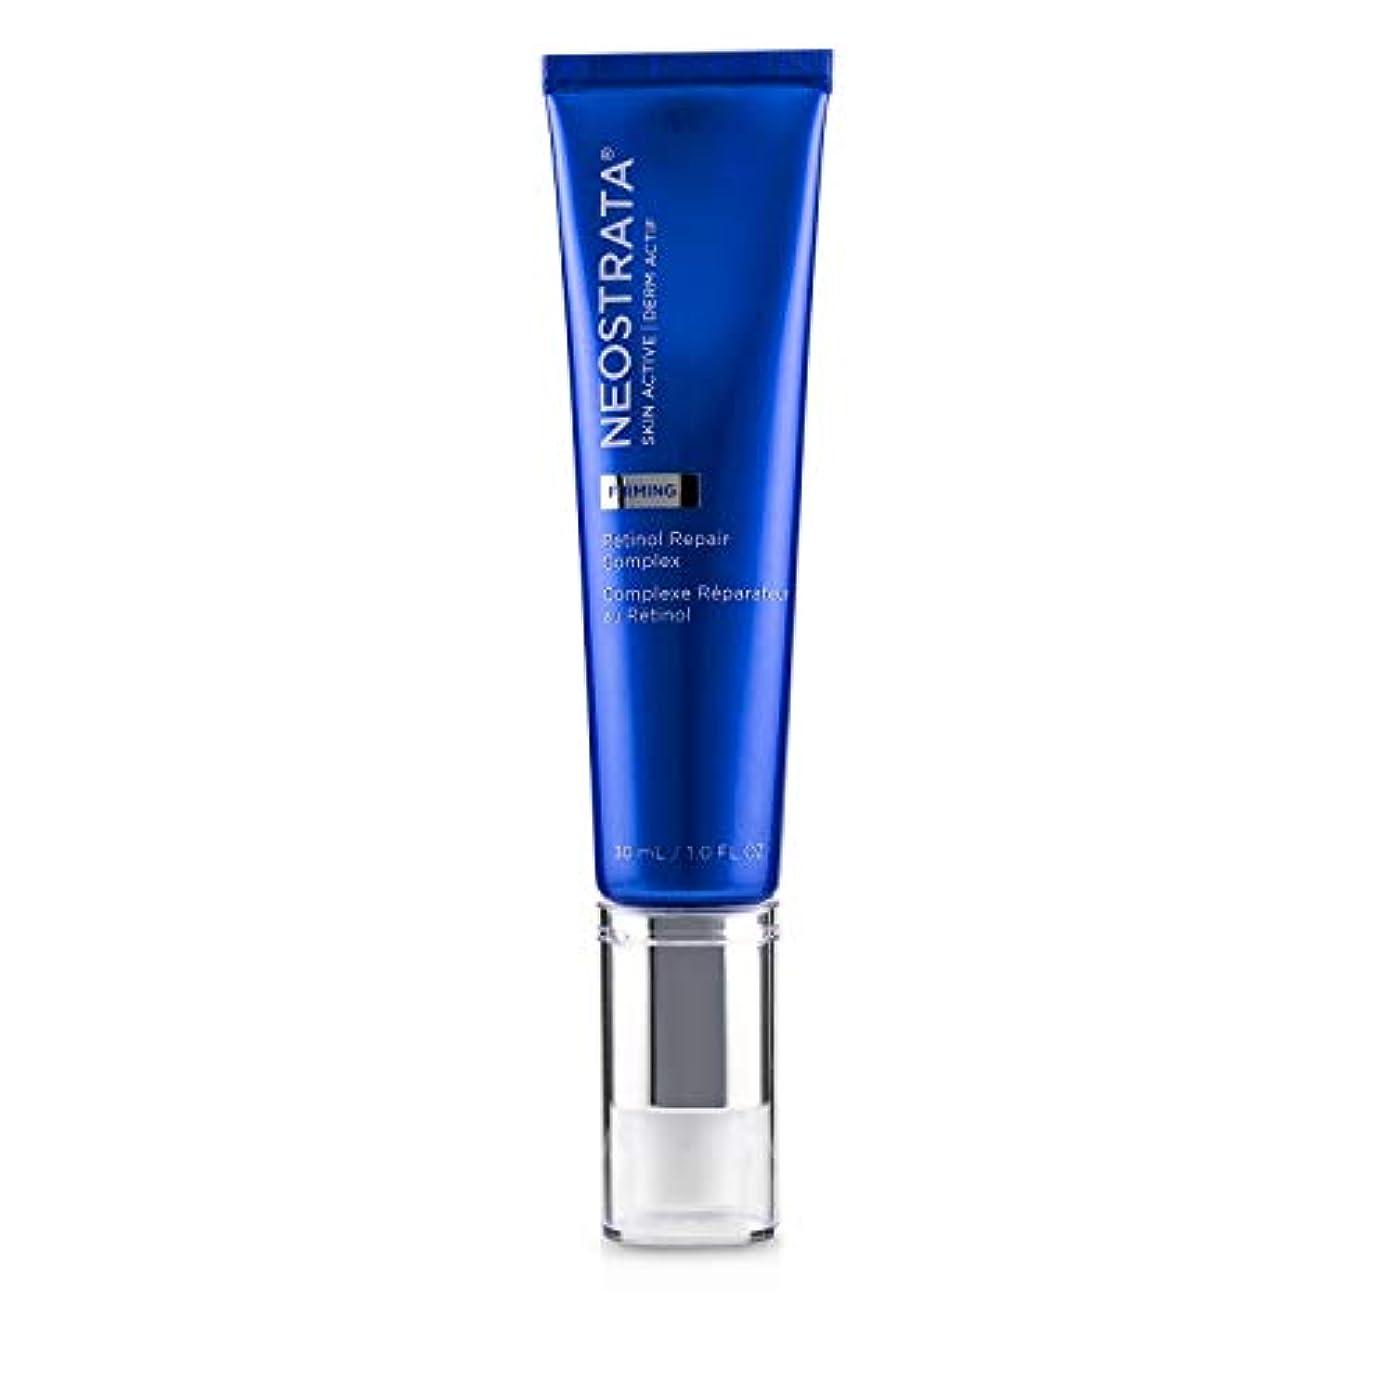 ネオストラータ Skin Active Derm Actif Firming - Retinol Repair Complex 30ml/1oz並行輸入品